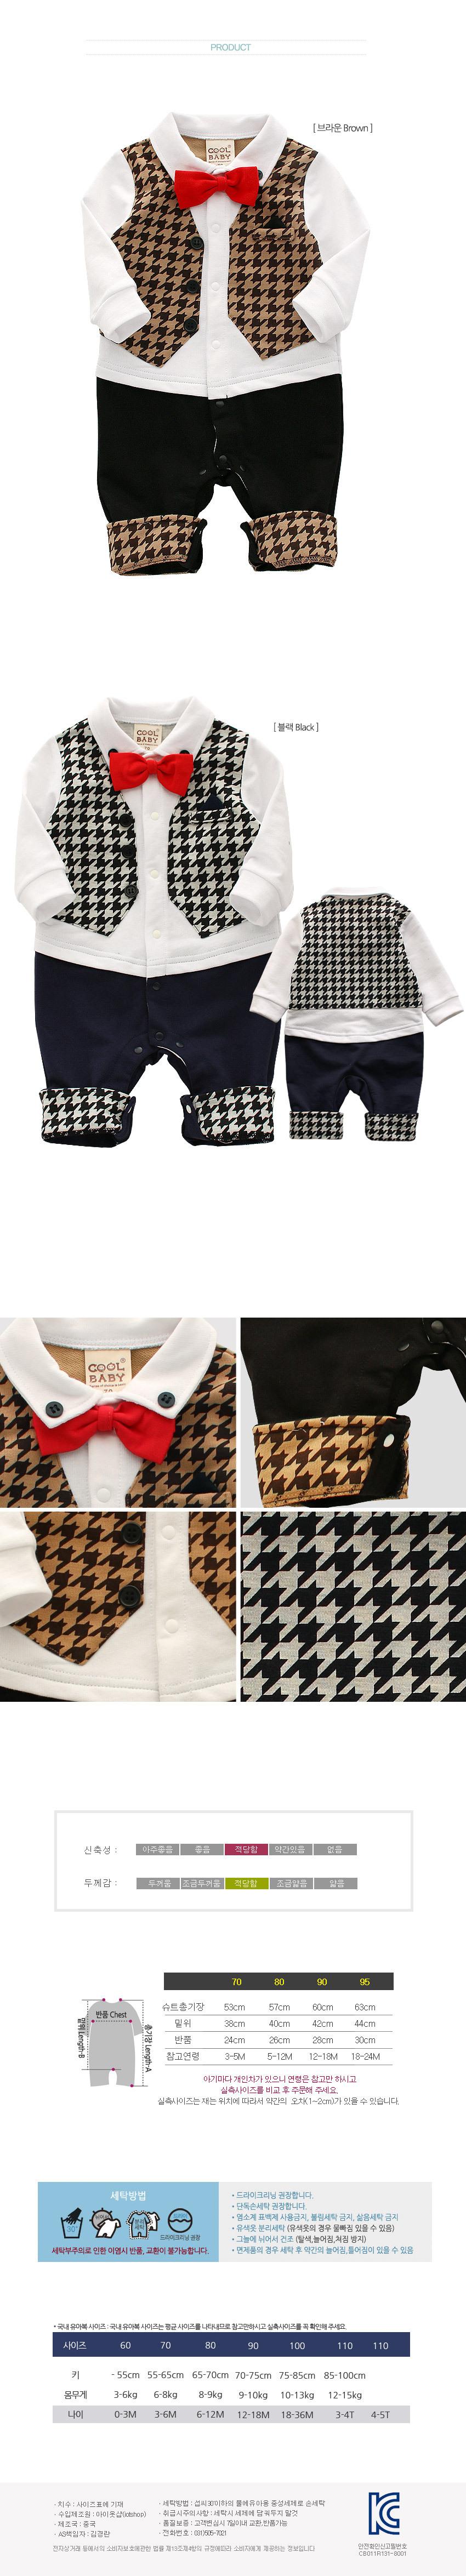 [ BABYMAX ] 1307 Baby houndbowtie romper